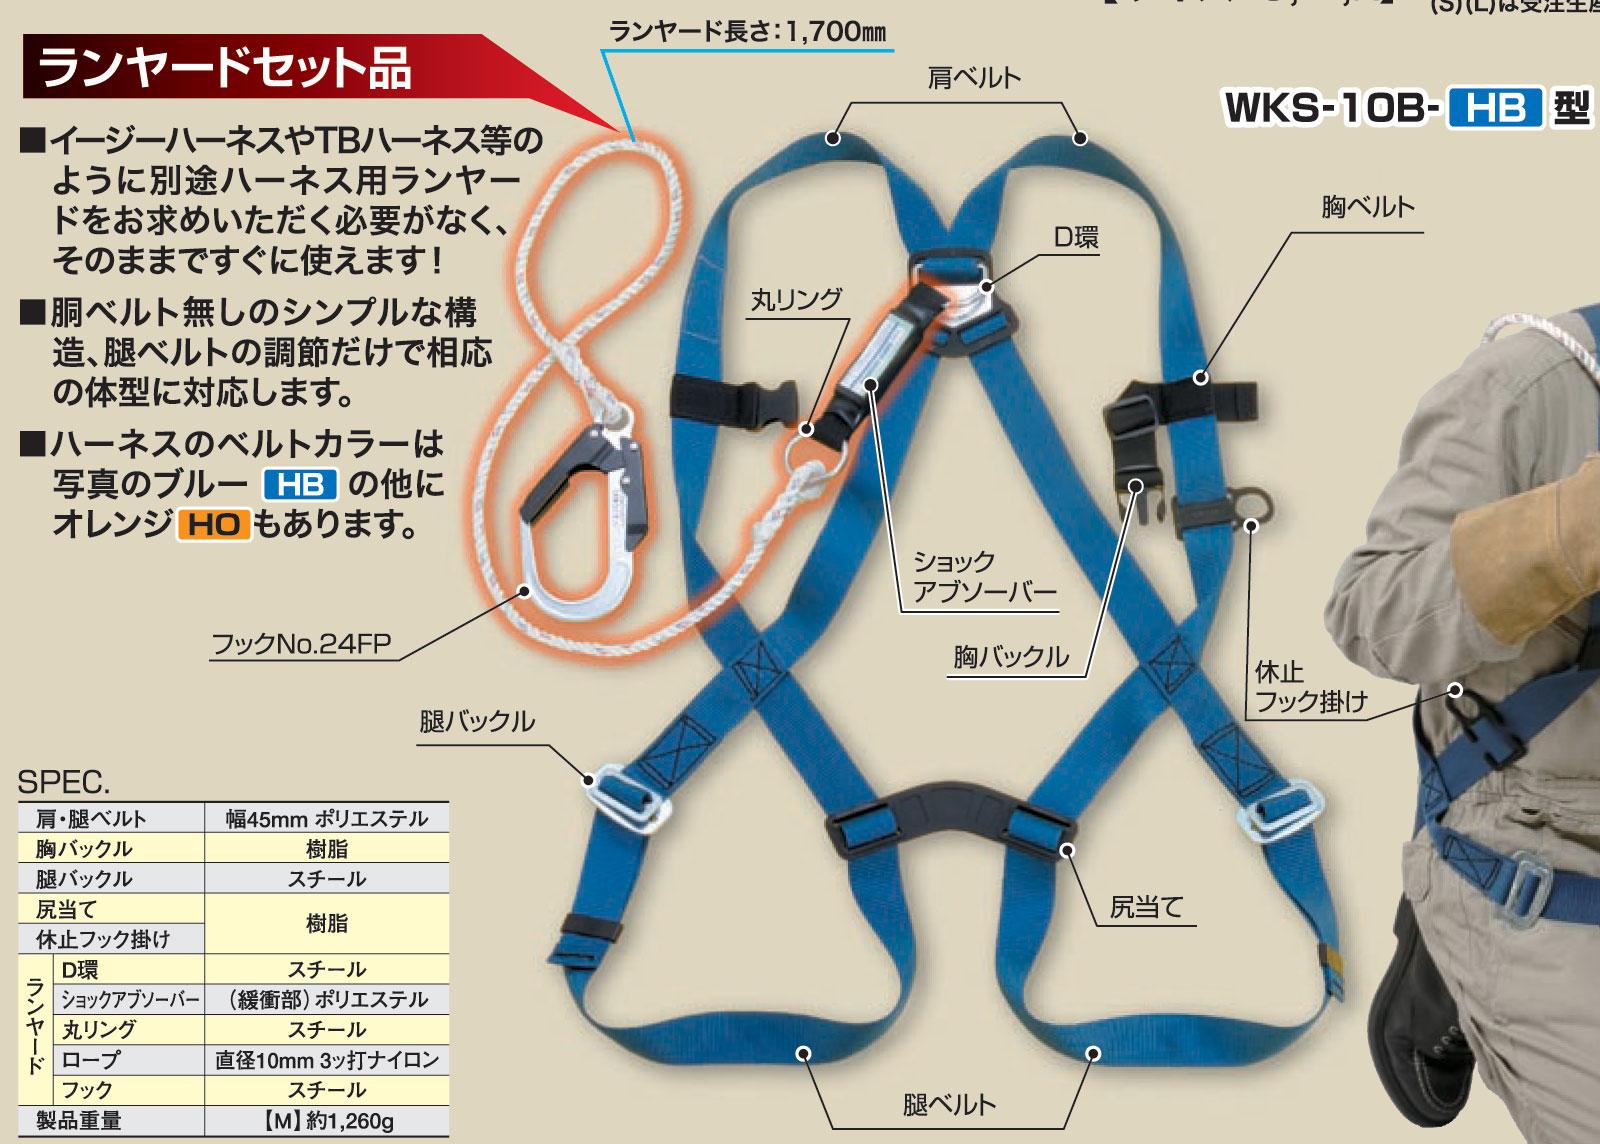 【送料無料】タイタン ワーカーズ ハーネス WKS-10B-HB型 【K】